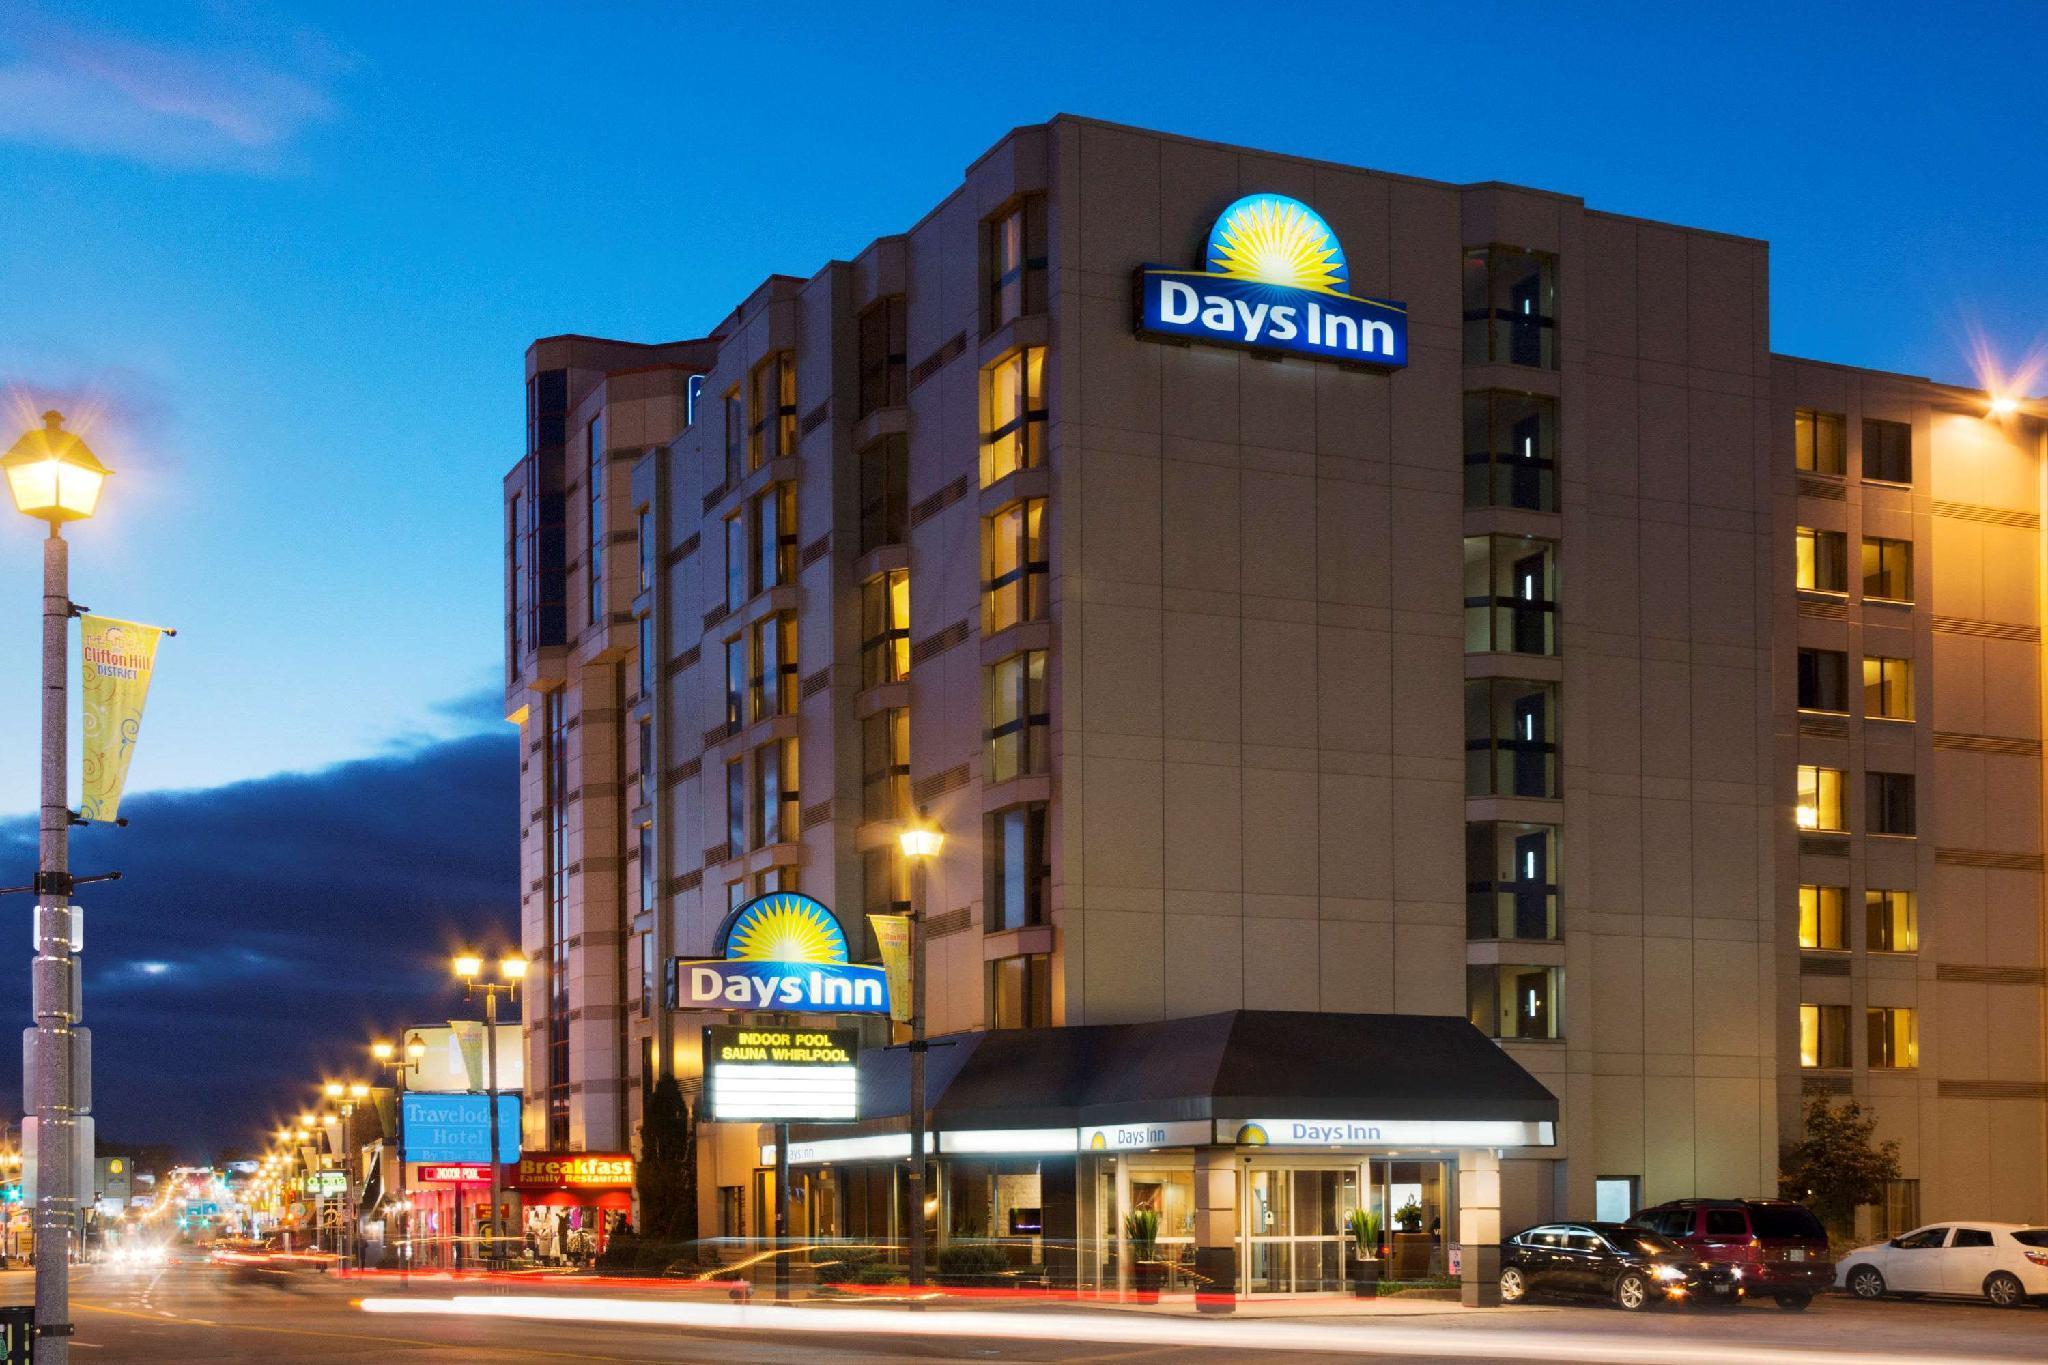 Days Inn By Wyndham Niagara Falls Near The Falls